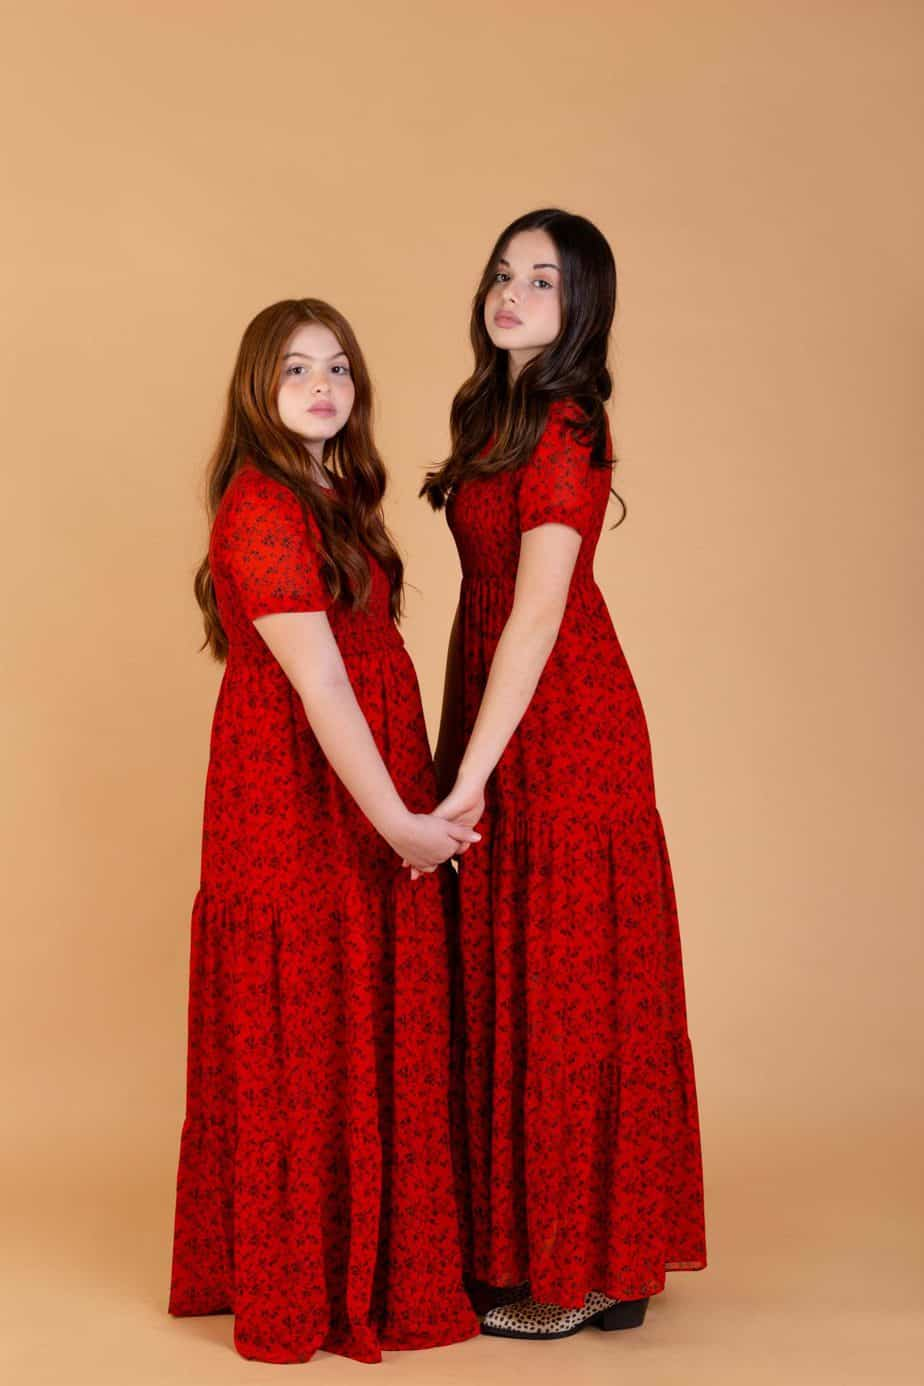 אור ואגם. שמלות: זארה, נעליים: H&M. צילום שלומית איציק - Fashion Israel - מגזין אופנה